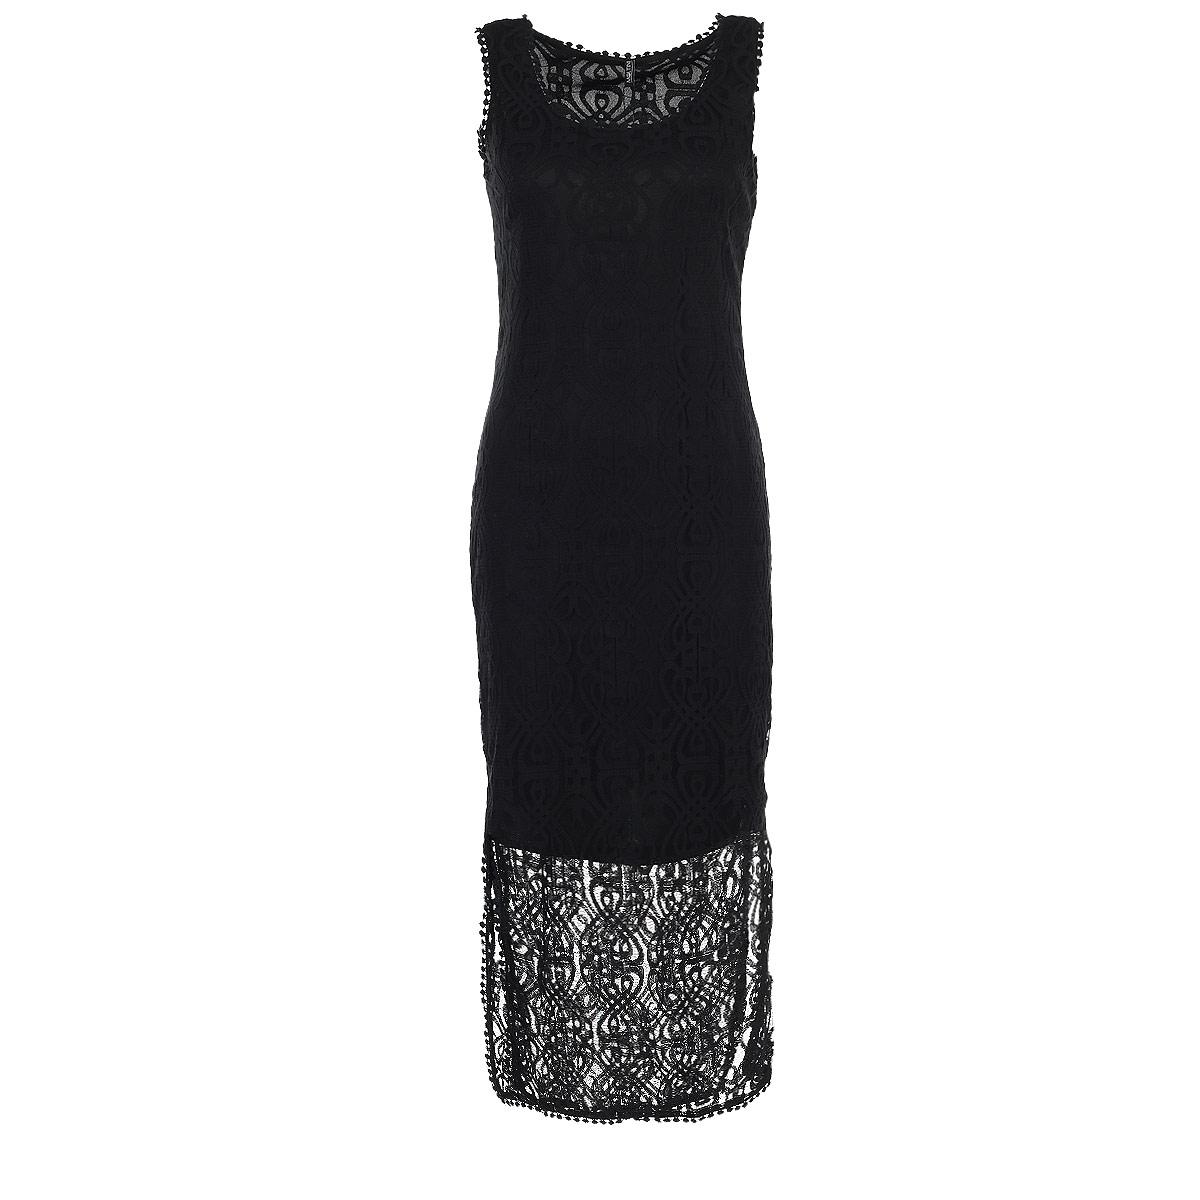 Купить Платье Moltini, цвет: черный. 16B006. Размер M/L (46-48)